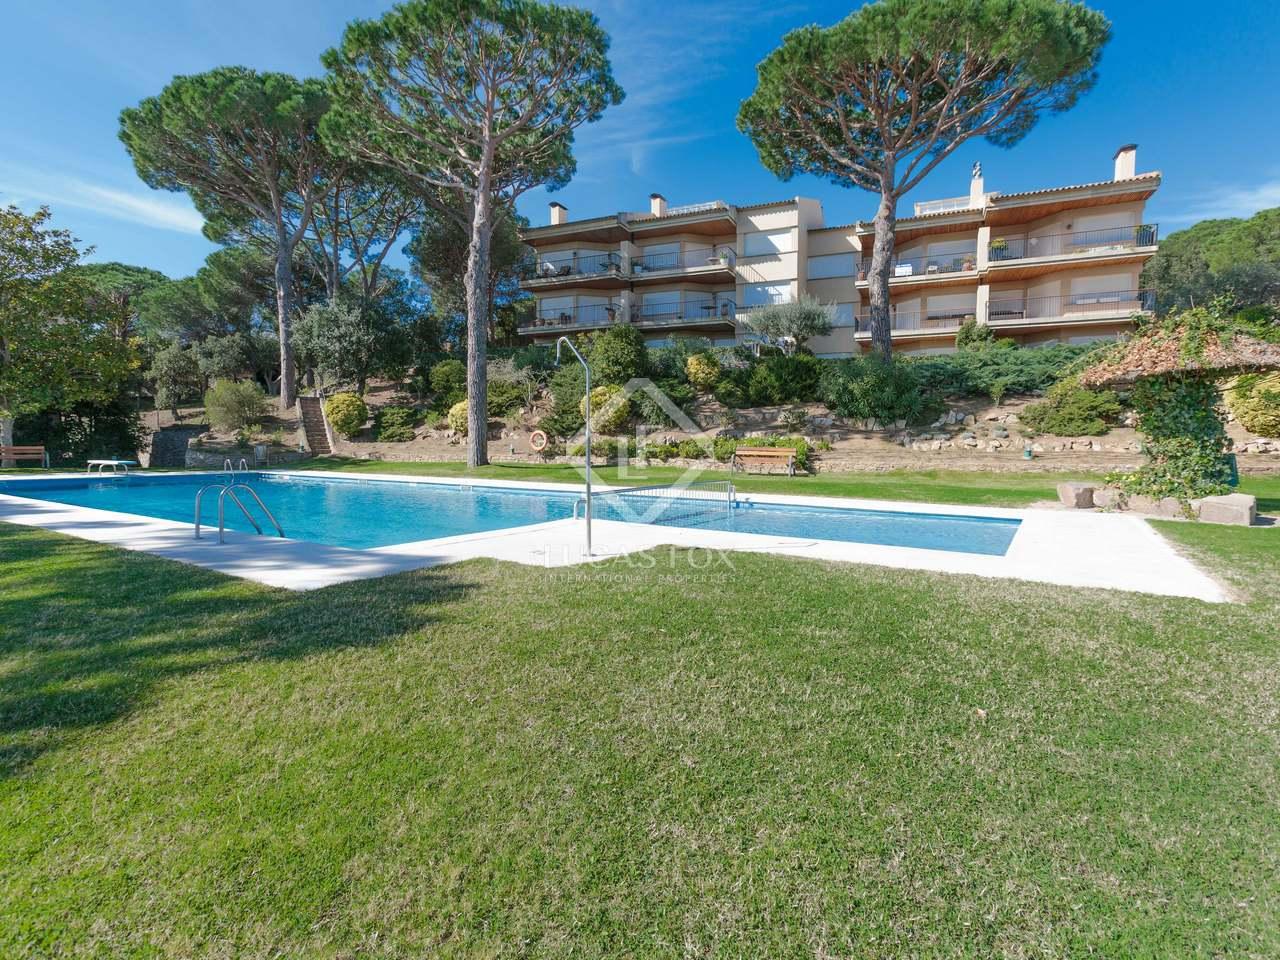 Appartement Espagne Costa Brava A Vendre